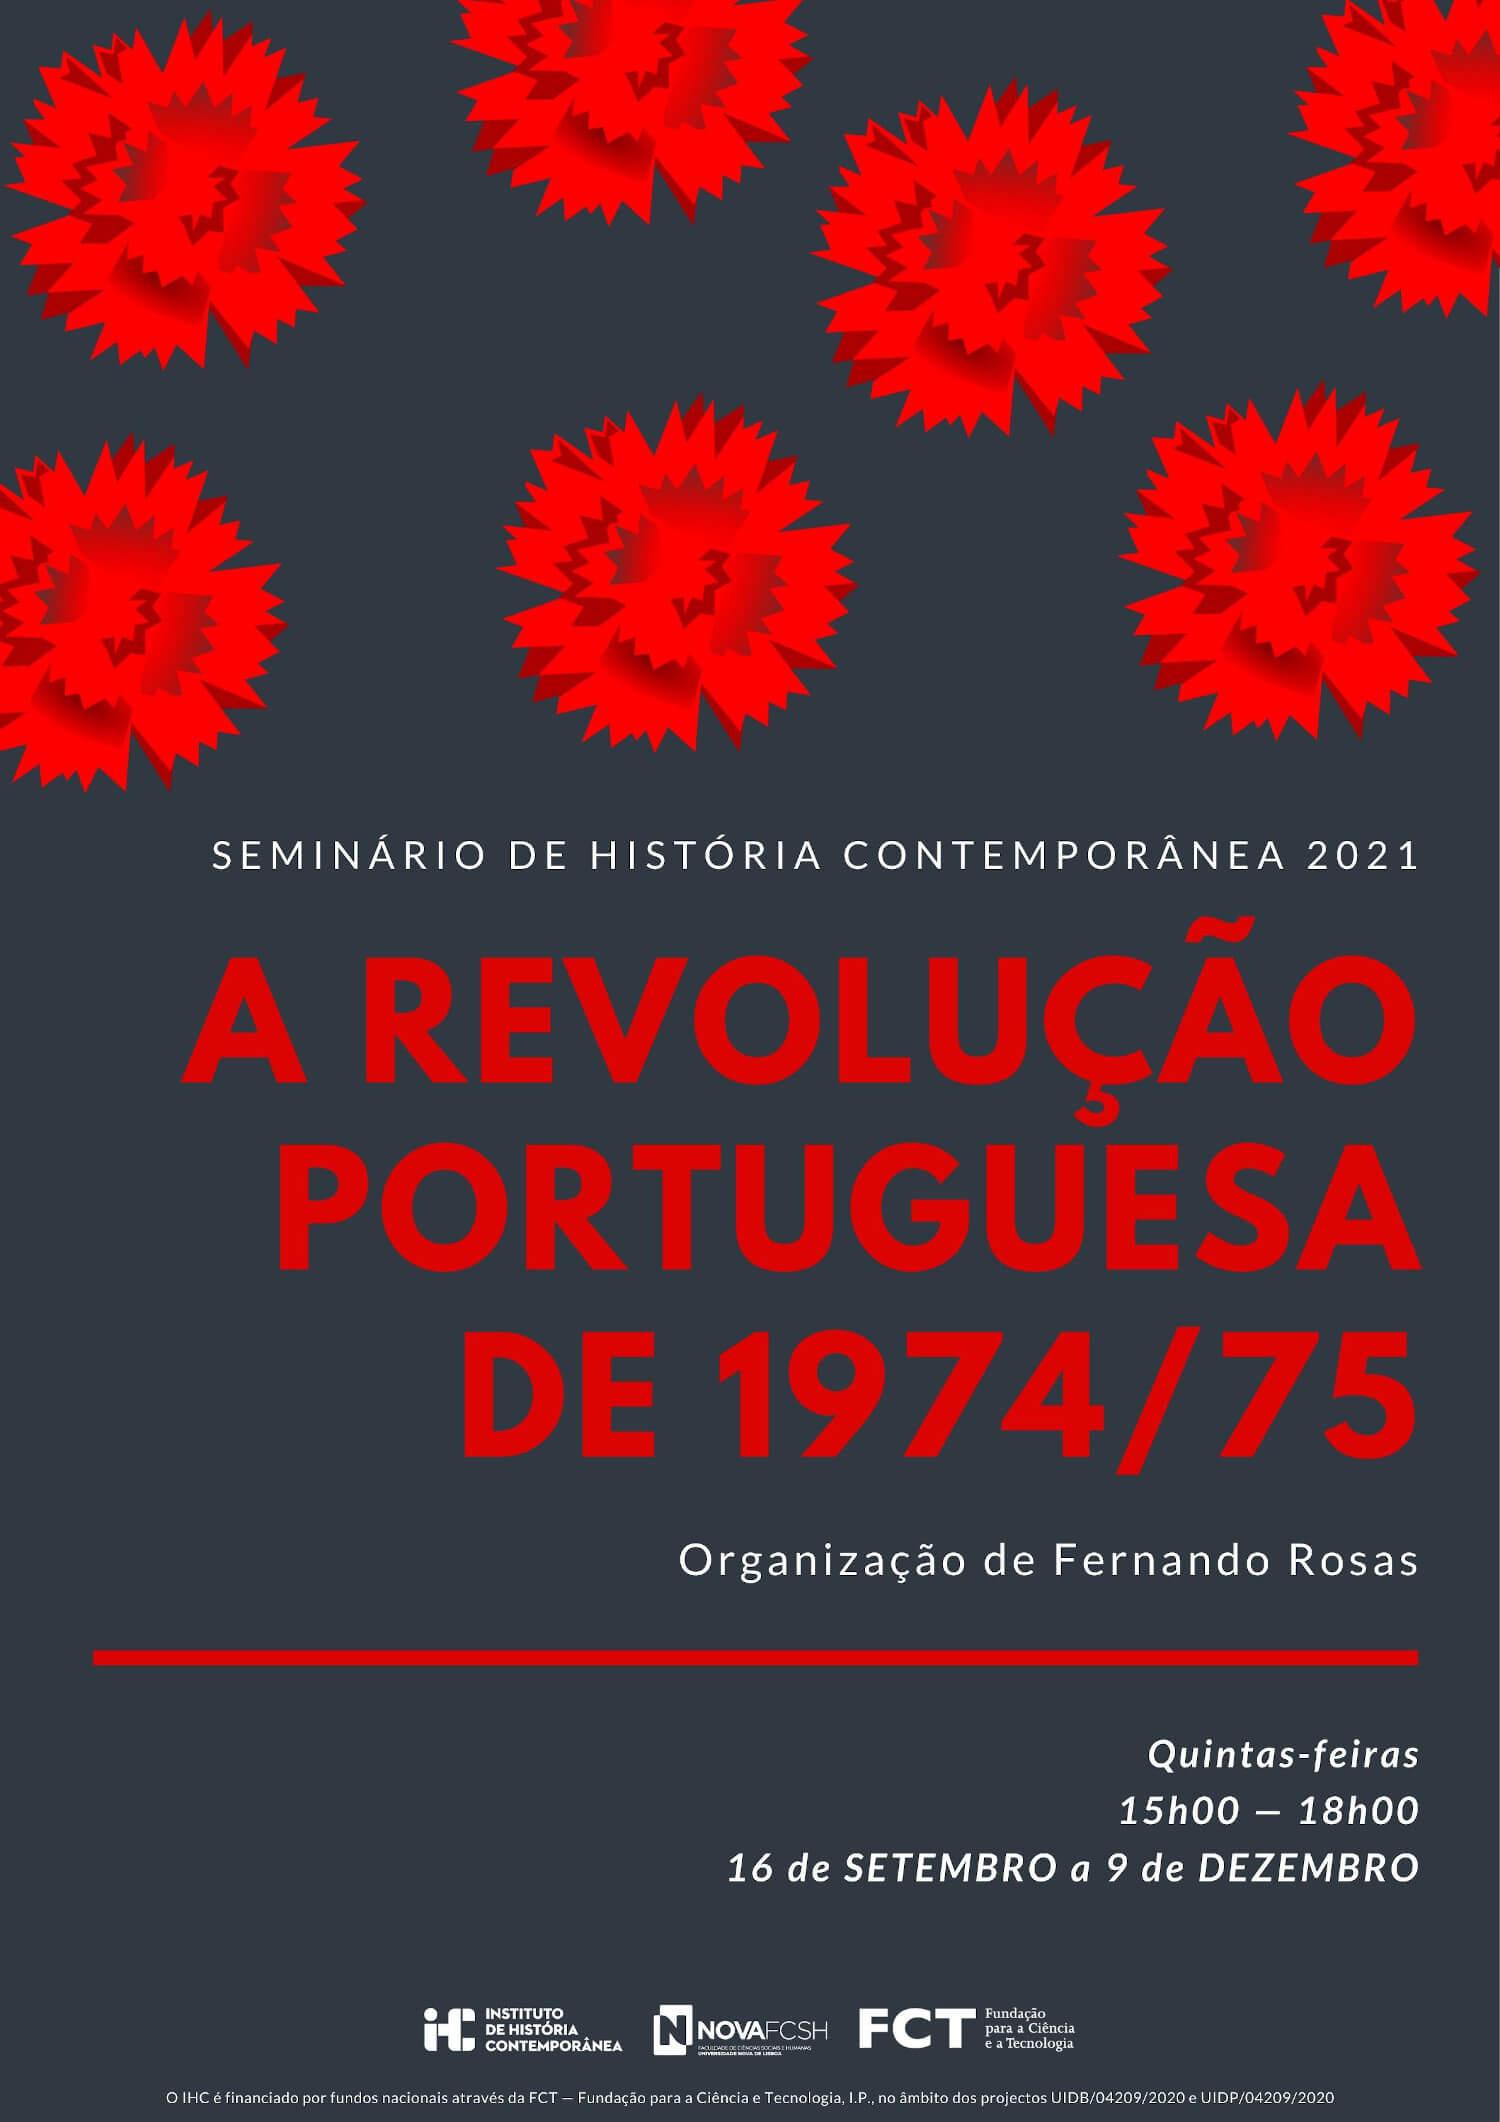 """Cartaz do seminário de história contemporânea """"A Revolução Portuguesa de 1974/75"""""""